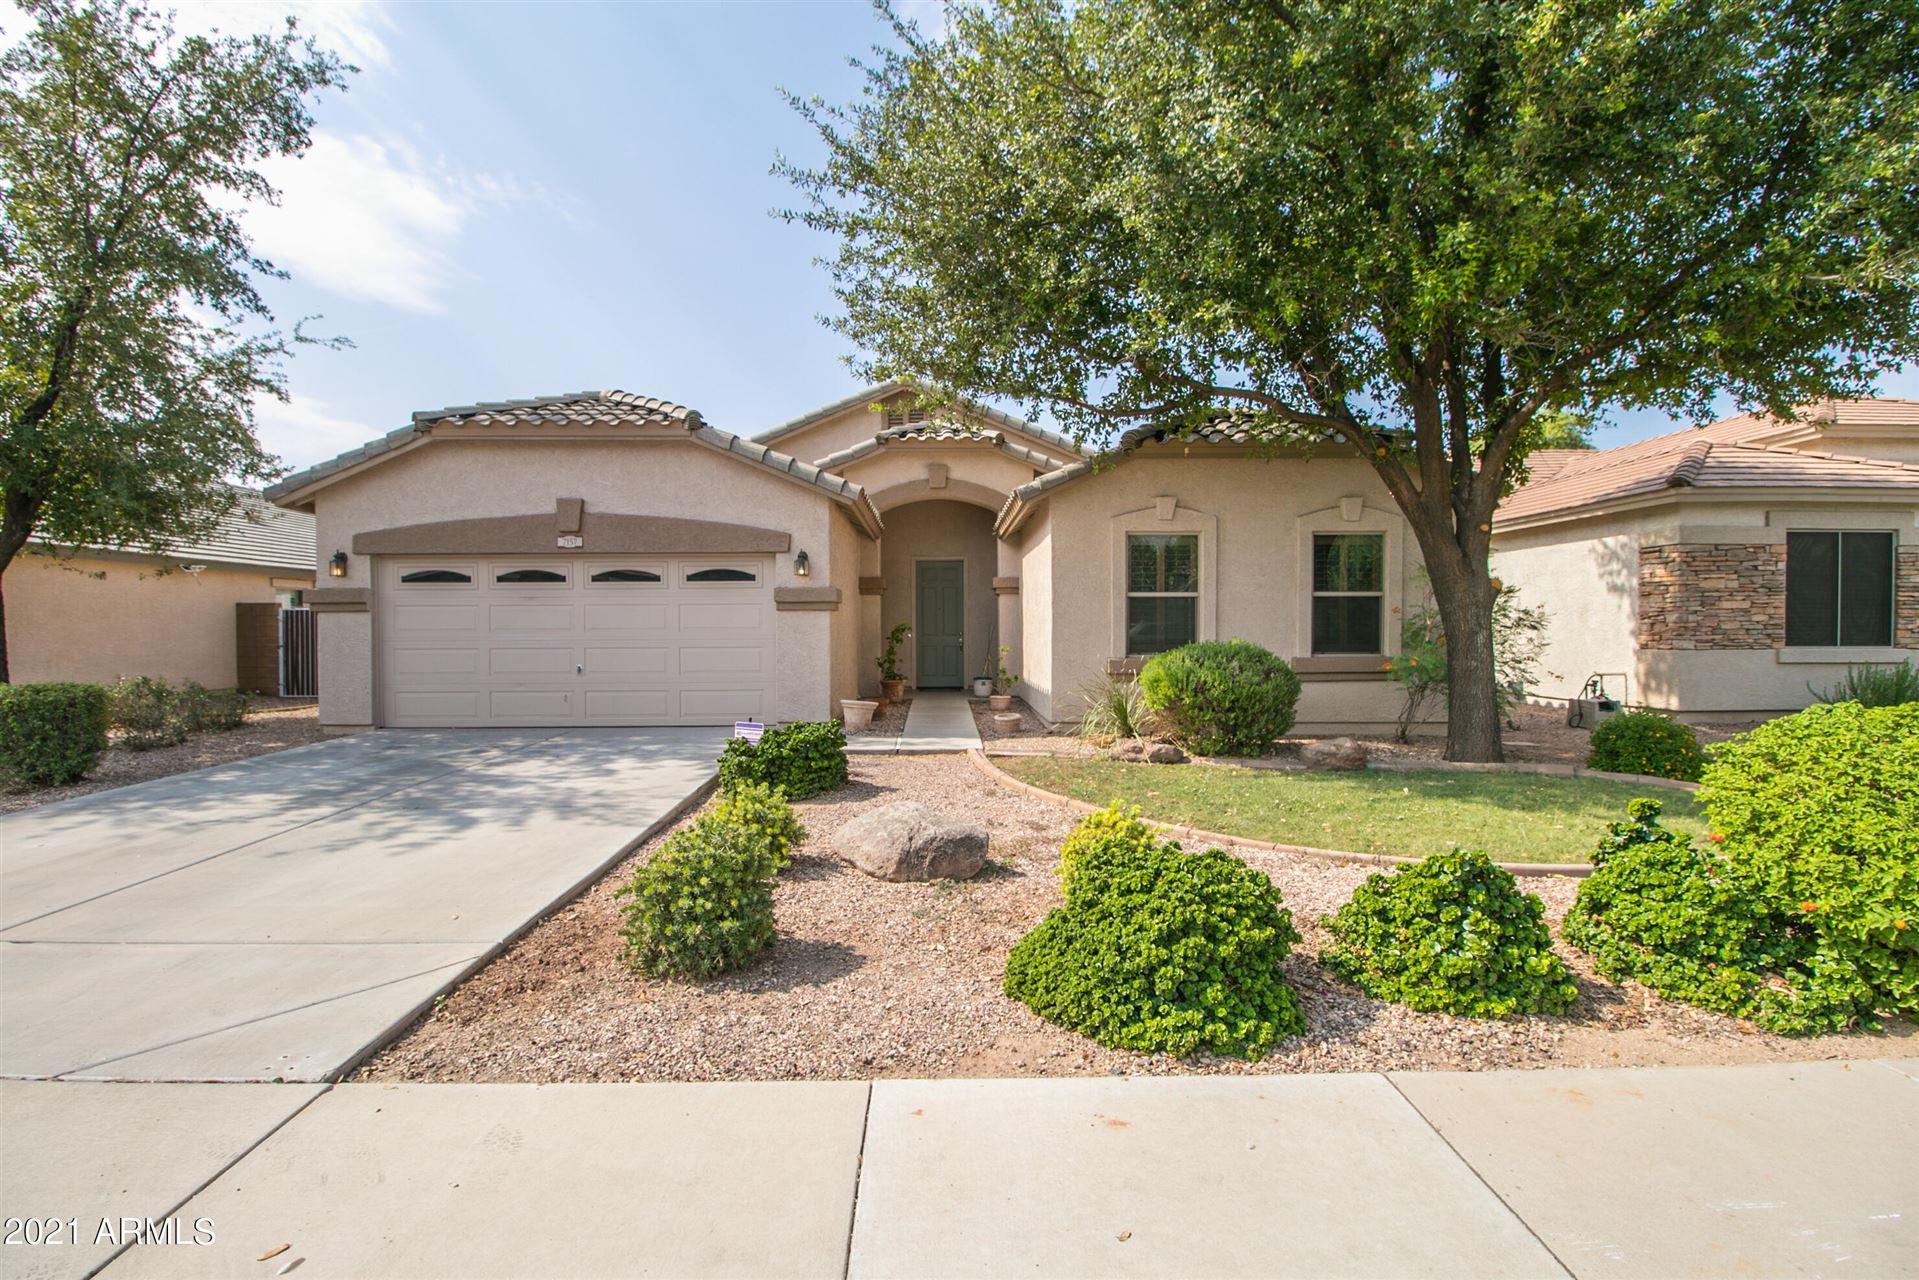 Photo of 7157 W FLYNN Lane, Glendale, AZ 85303 (MLS # 6268129)